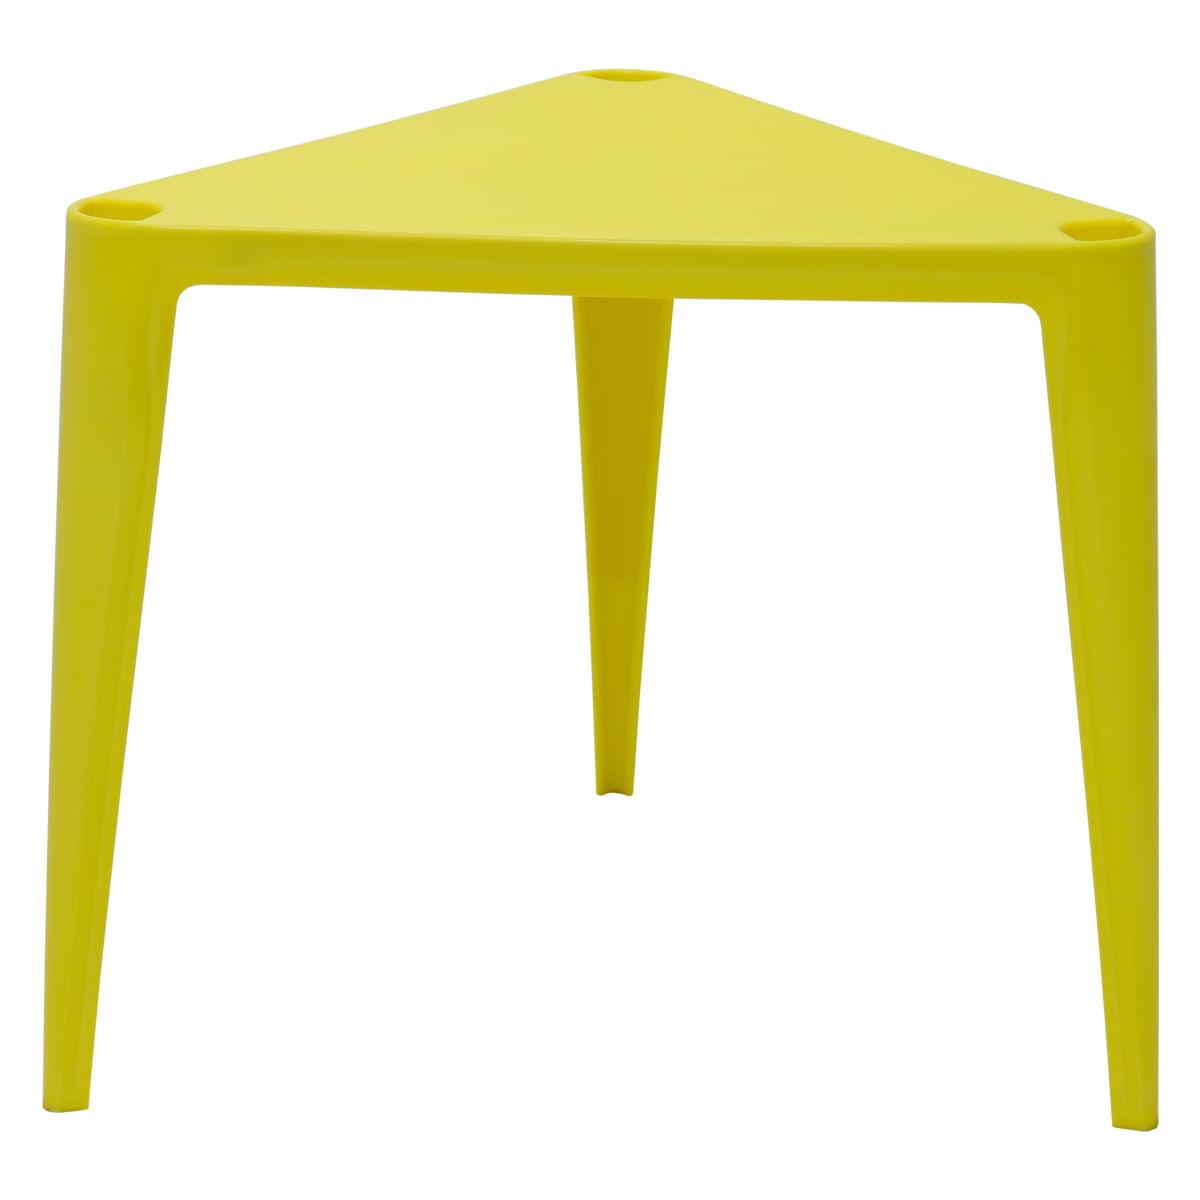 Conjunto de Mesa e Cadeira Tramontina Sofia Infantil Amarela em Polipropileno e Fibra de Vidro 2 Peças